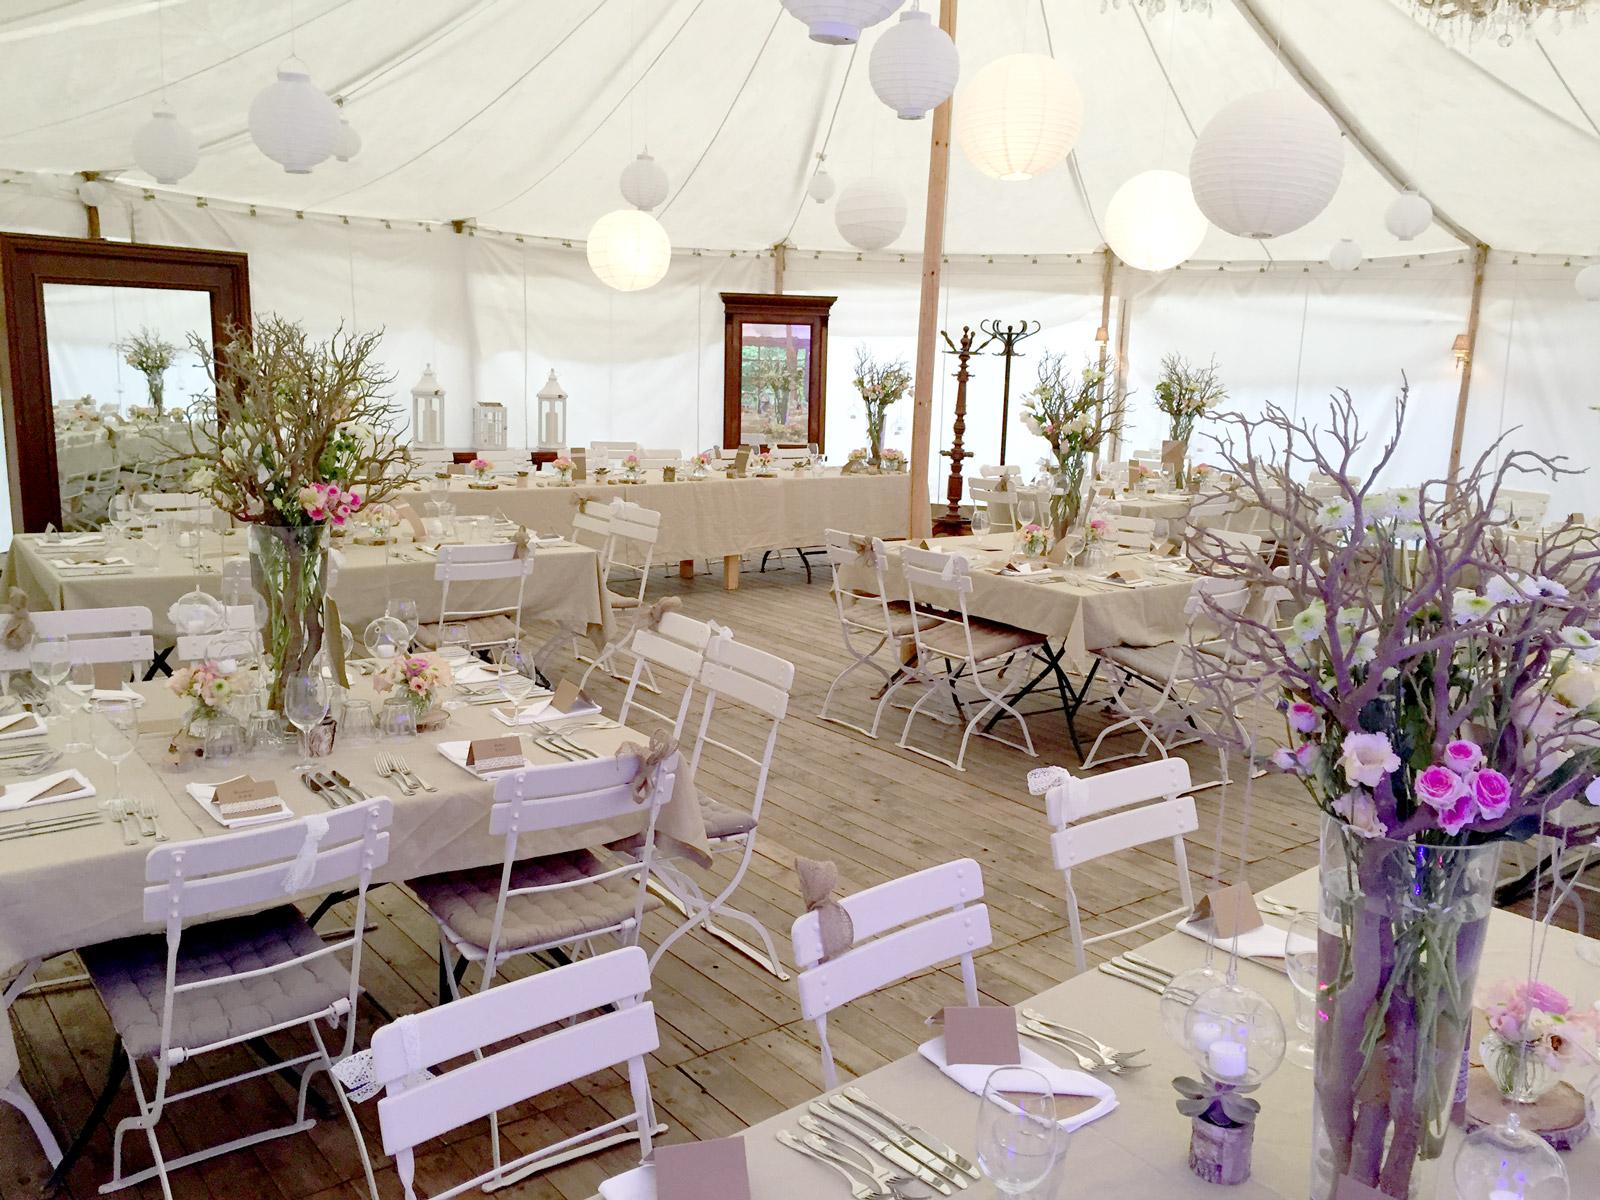 Wir machen s romantisch eine hochzeit auf dem lande cirkularium catering service augsburg - Zelt deko hochzeit ...